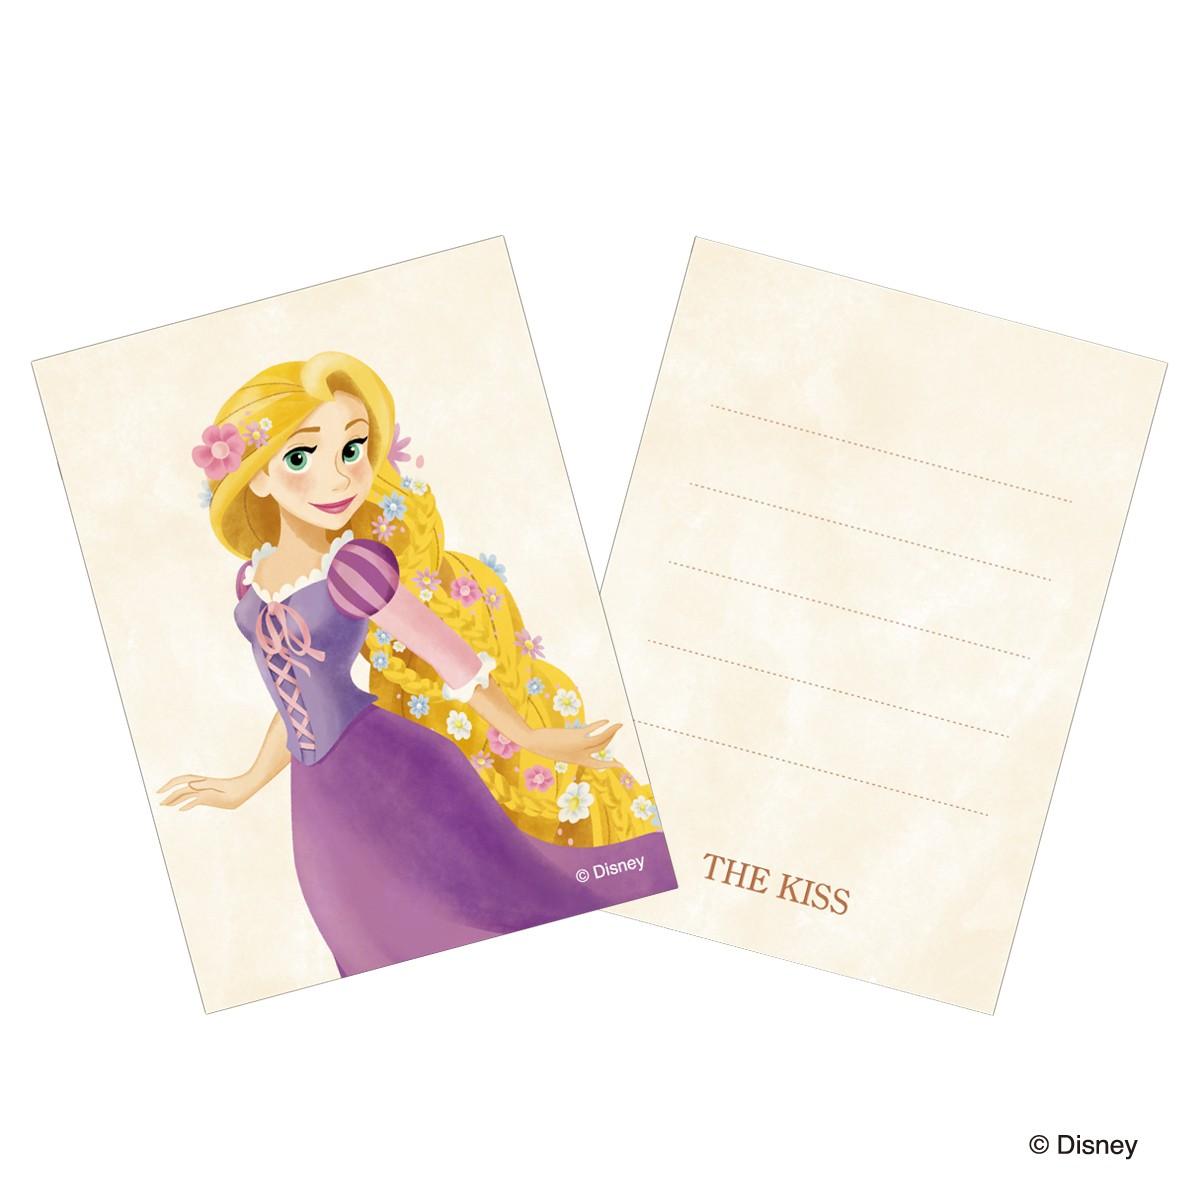 【ディズニー】THE KISS プリンセス ラプンツェル リング 指輪 DI-SR1214CB 【Disney】